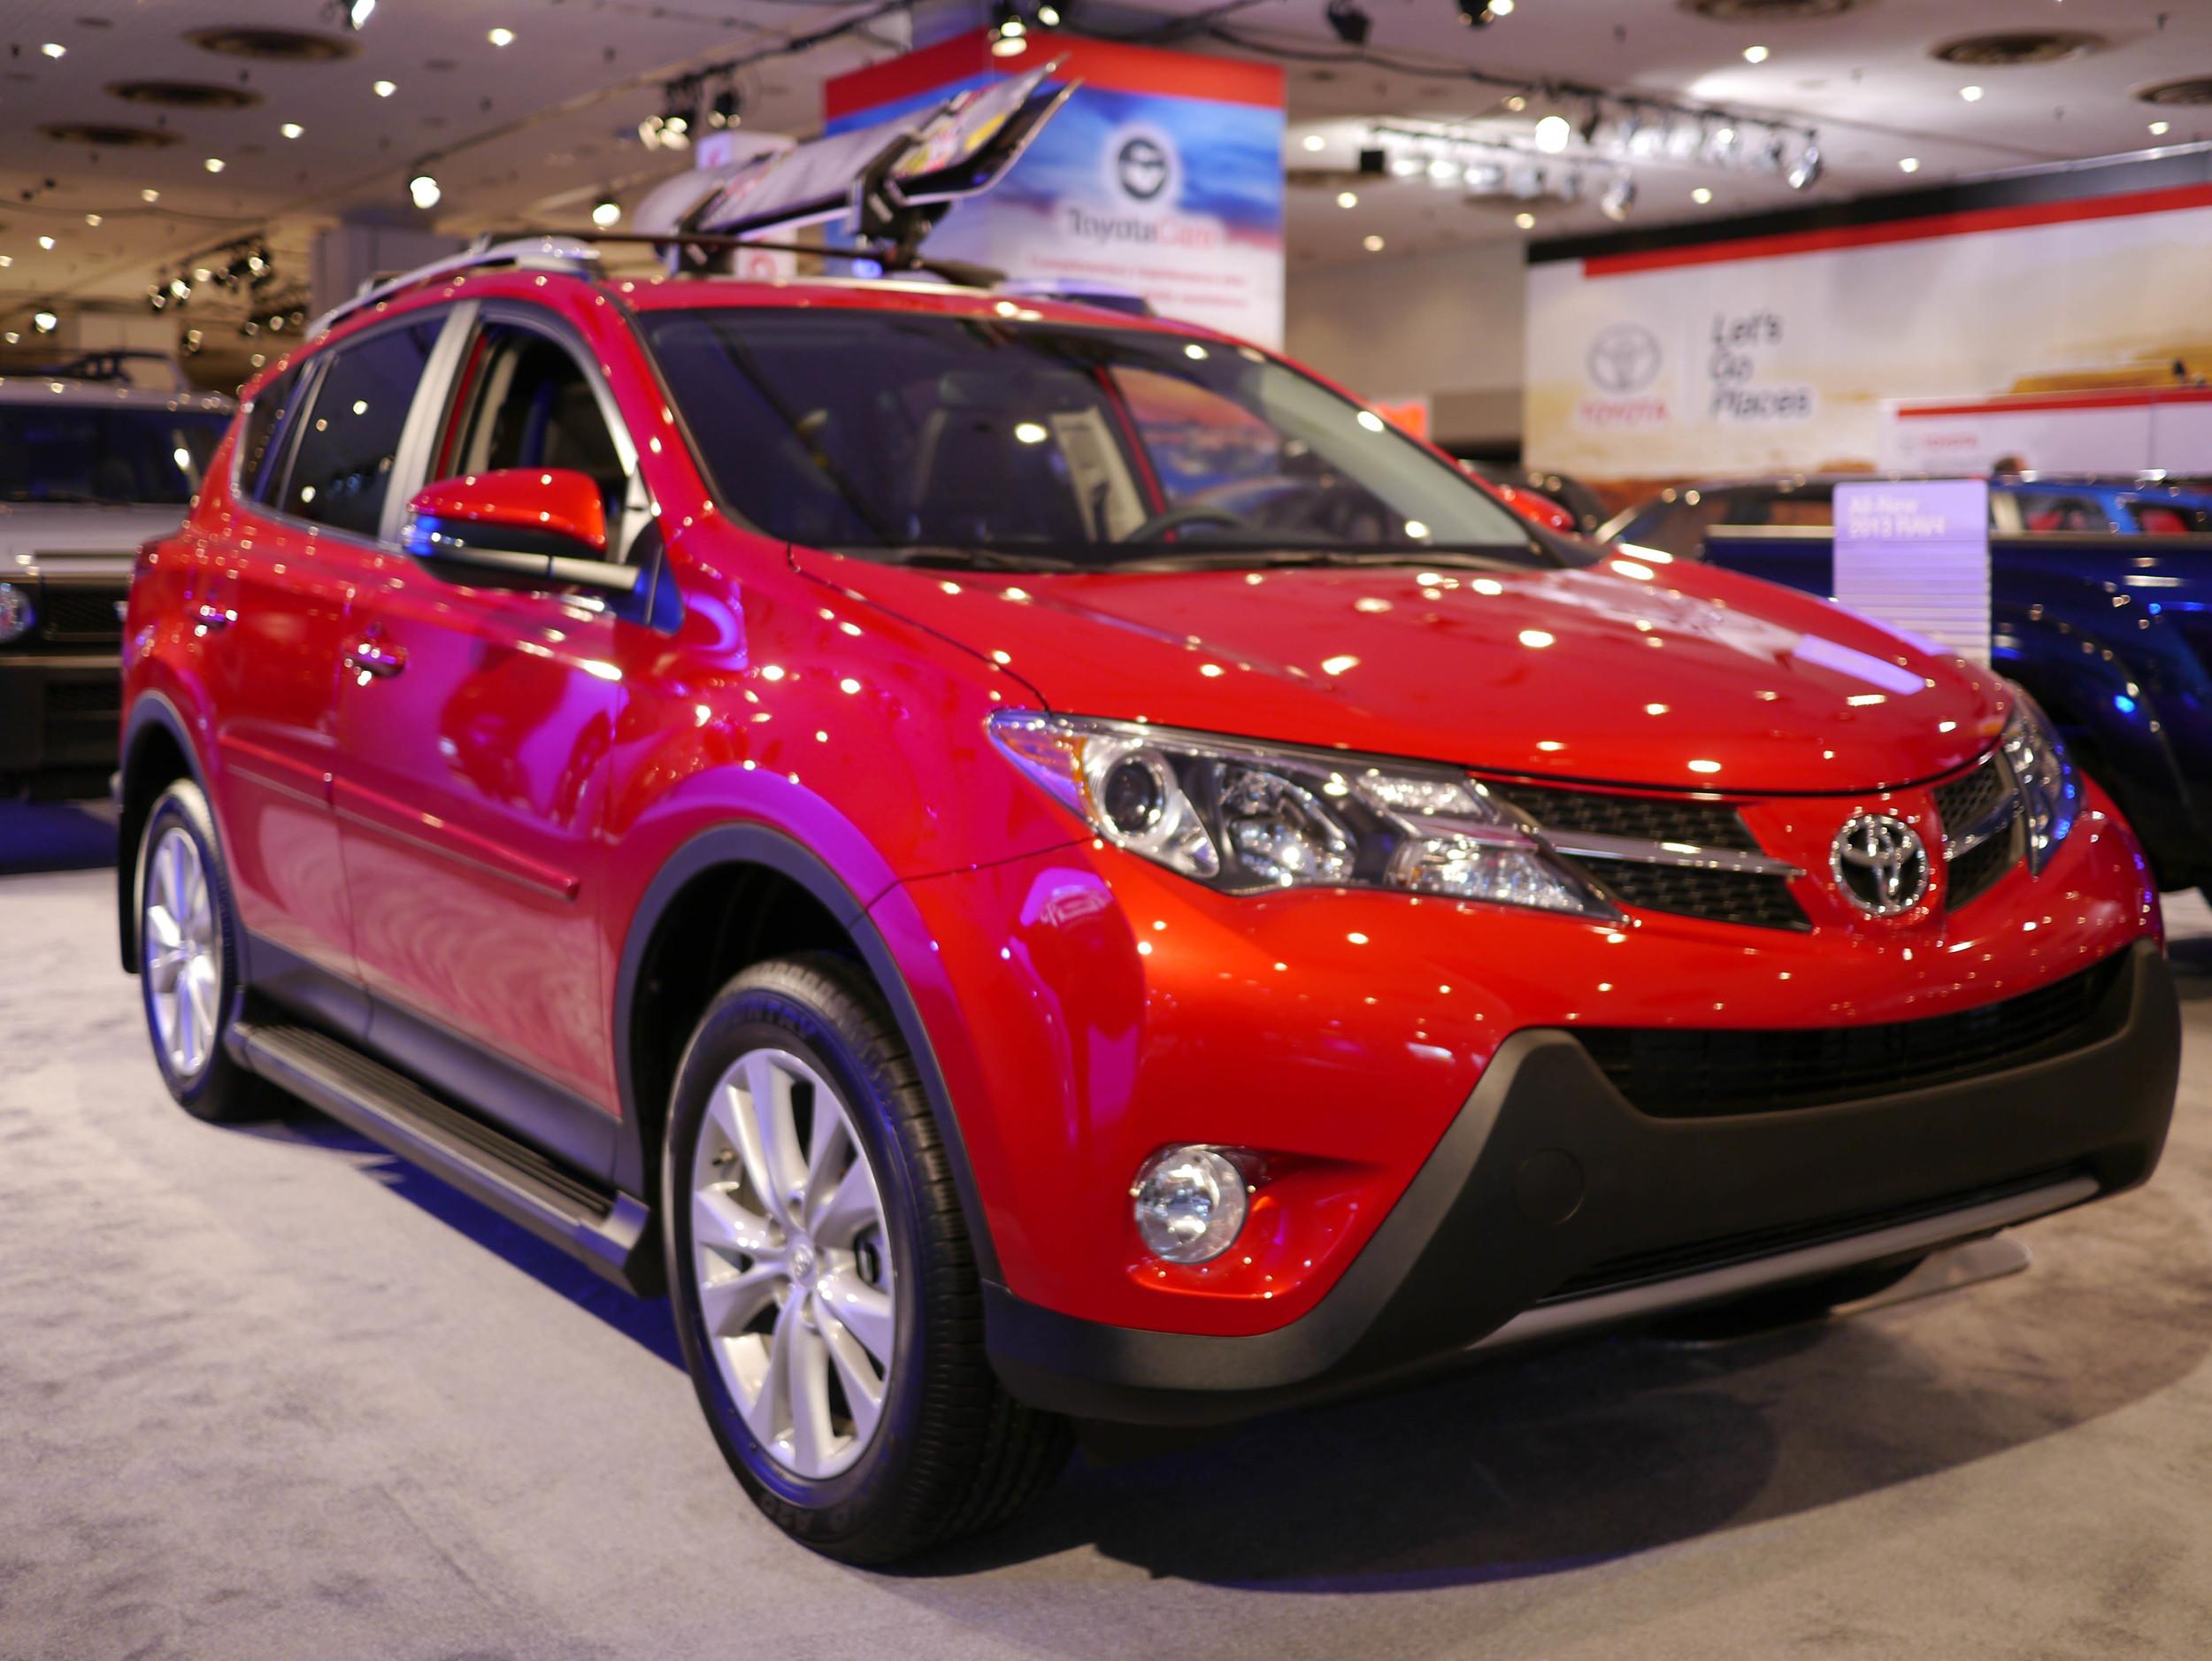 054_Toyota_RAV4_032713.jpg